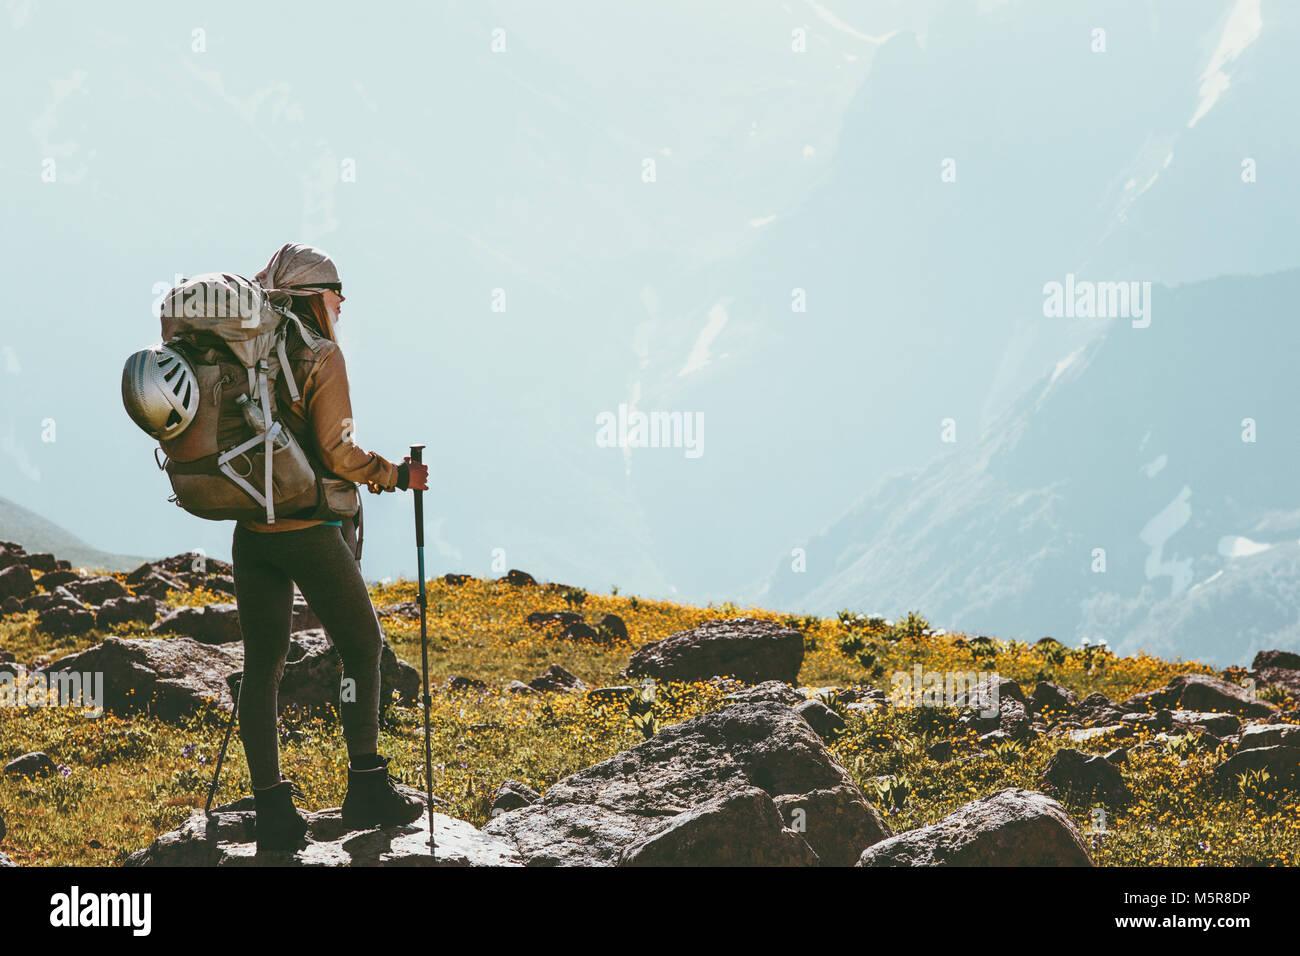 Frau Trekking mit Rucksack Adventure Travel gesunder Lebensstil Konzept outdoor Sommer aktiv Urlaub Stockbild